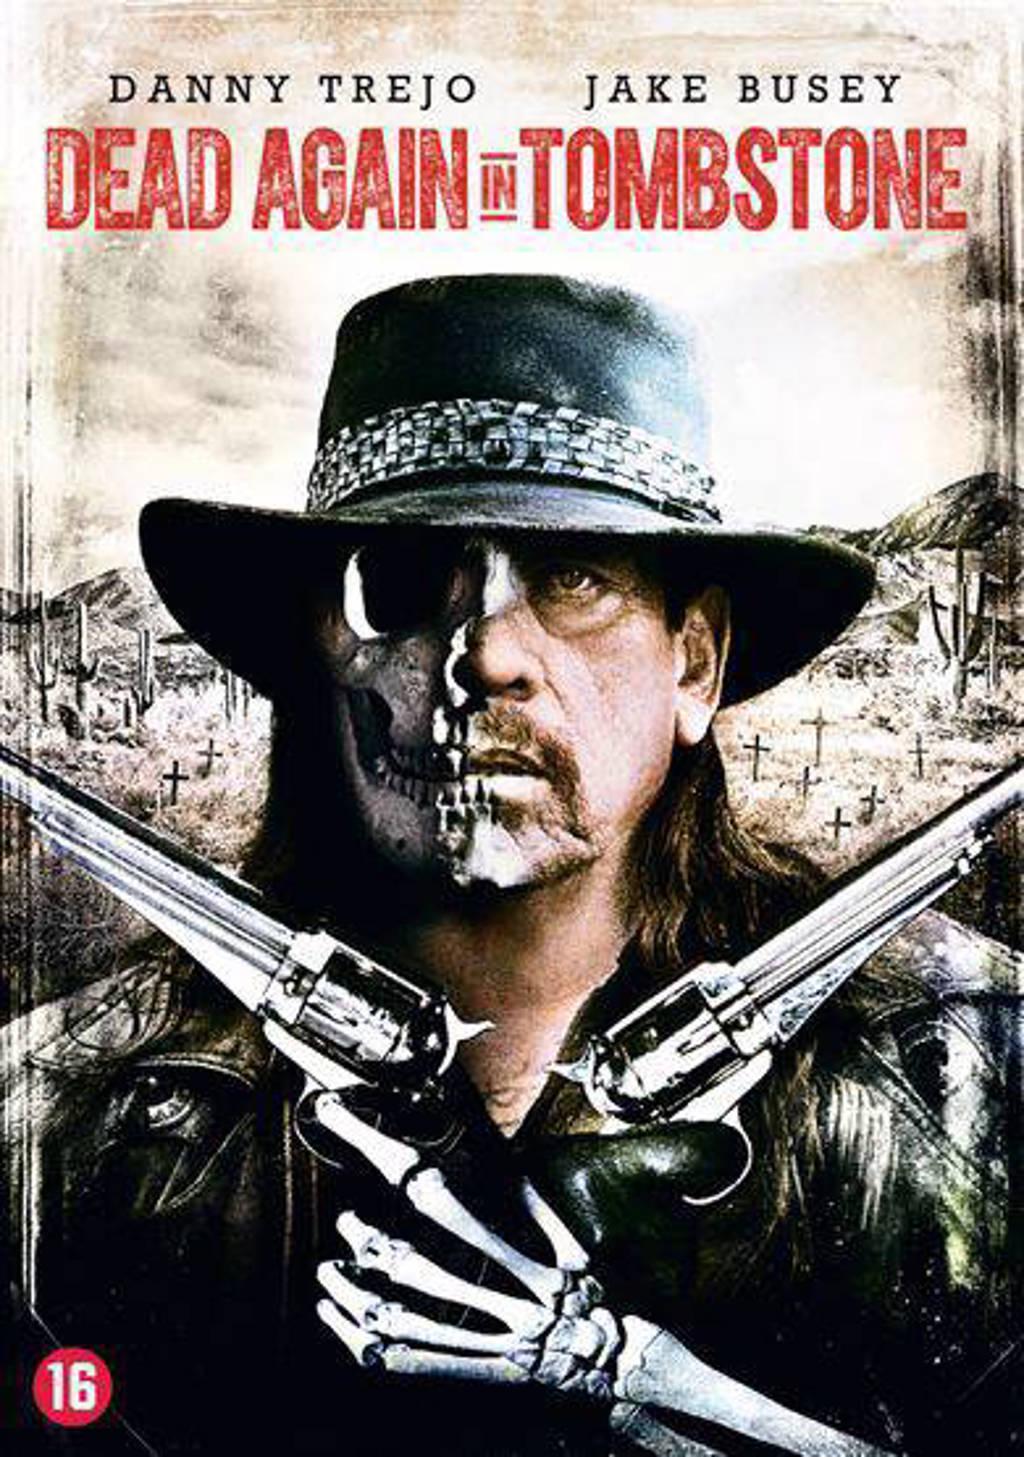 Dead again in Tombstone (DVD)